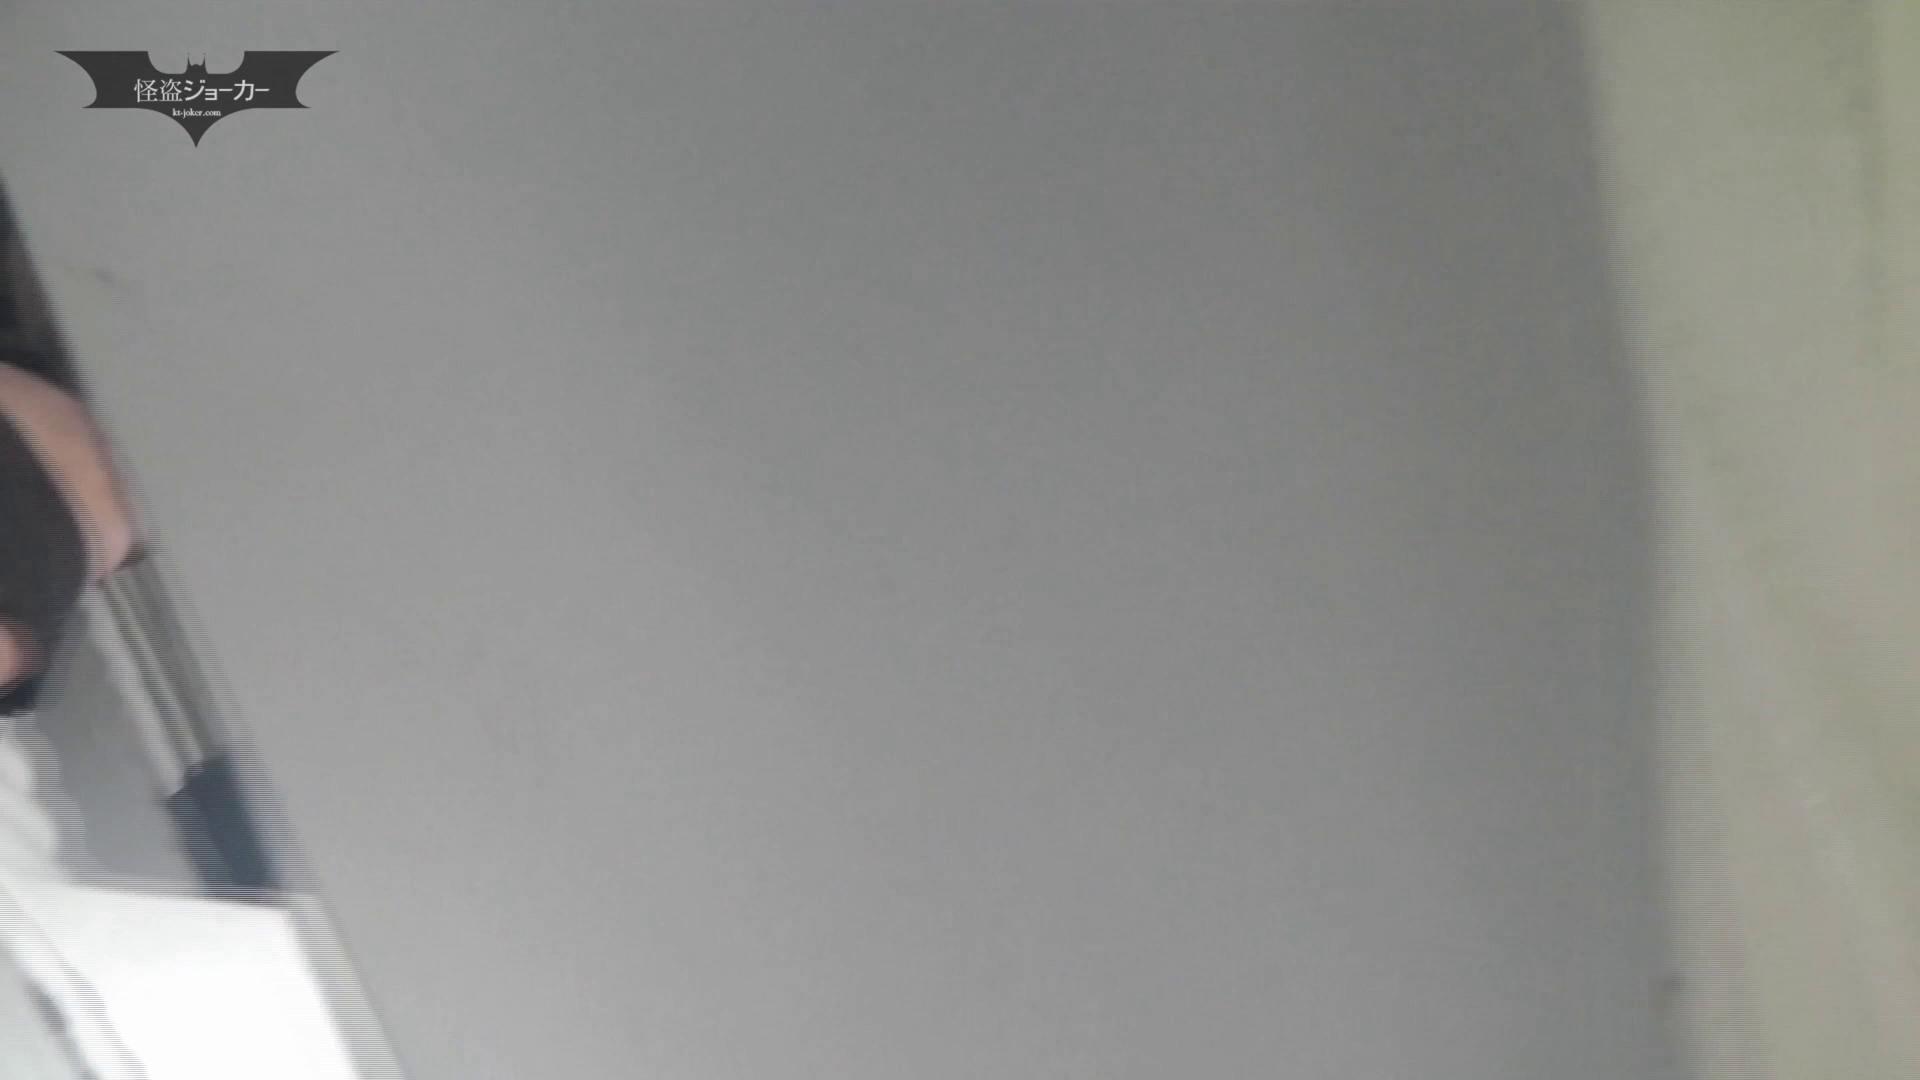 潜入!!台湾名門女学院 Vol.11 三尻同時狩り 女体盗撮 盗み撮りオマンコ動画キャプチャ 93連発 38